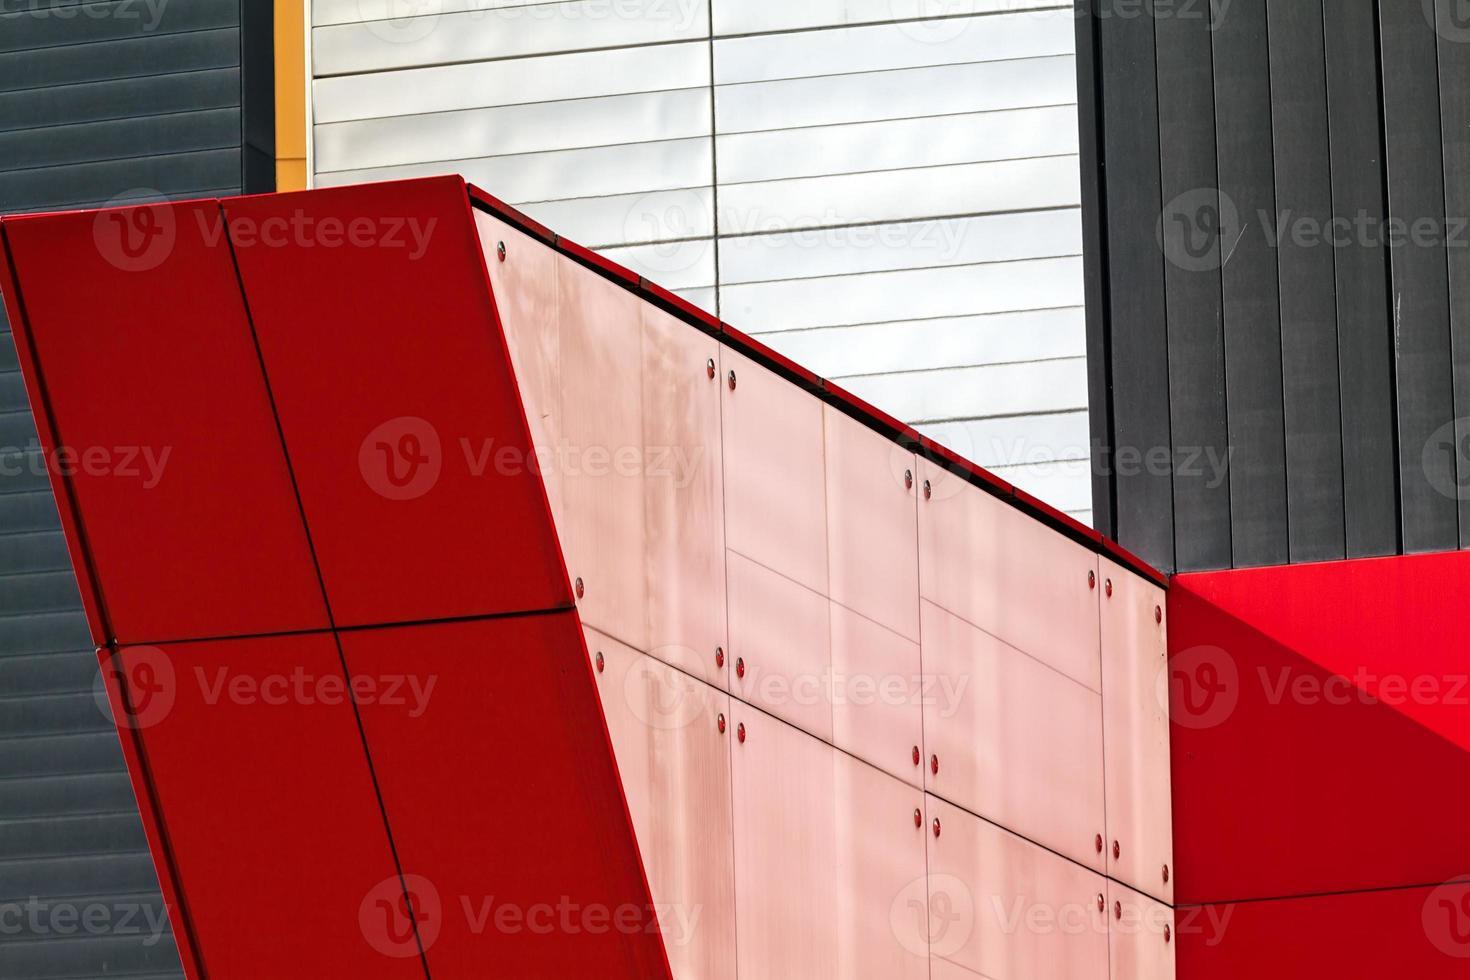 bunte Aluminiumfassade auf großem Einkaufszentrum foto